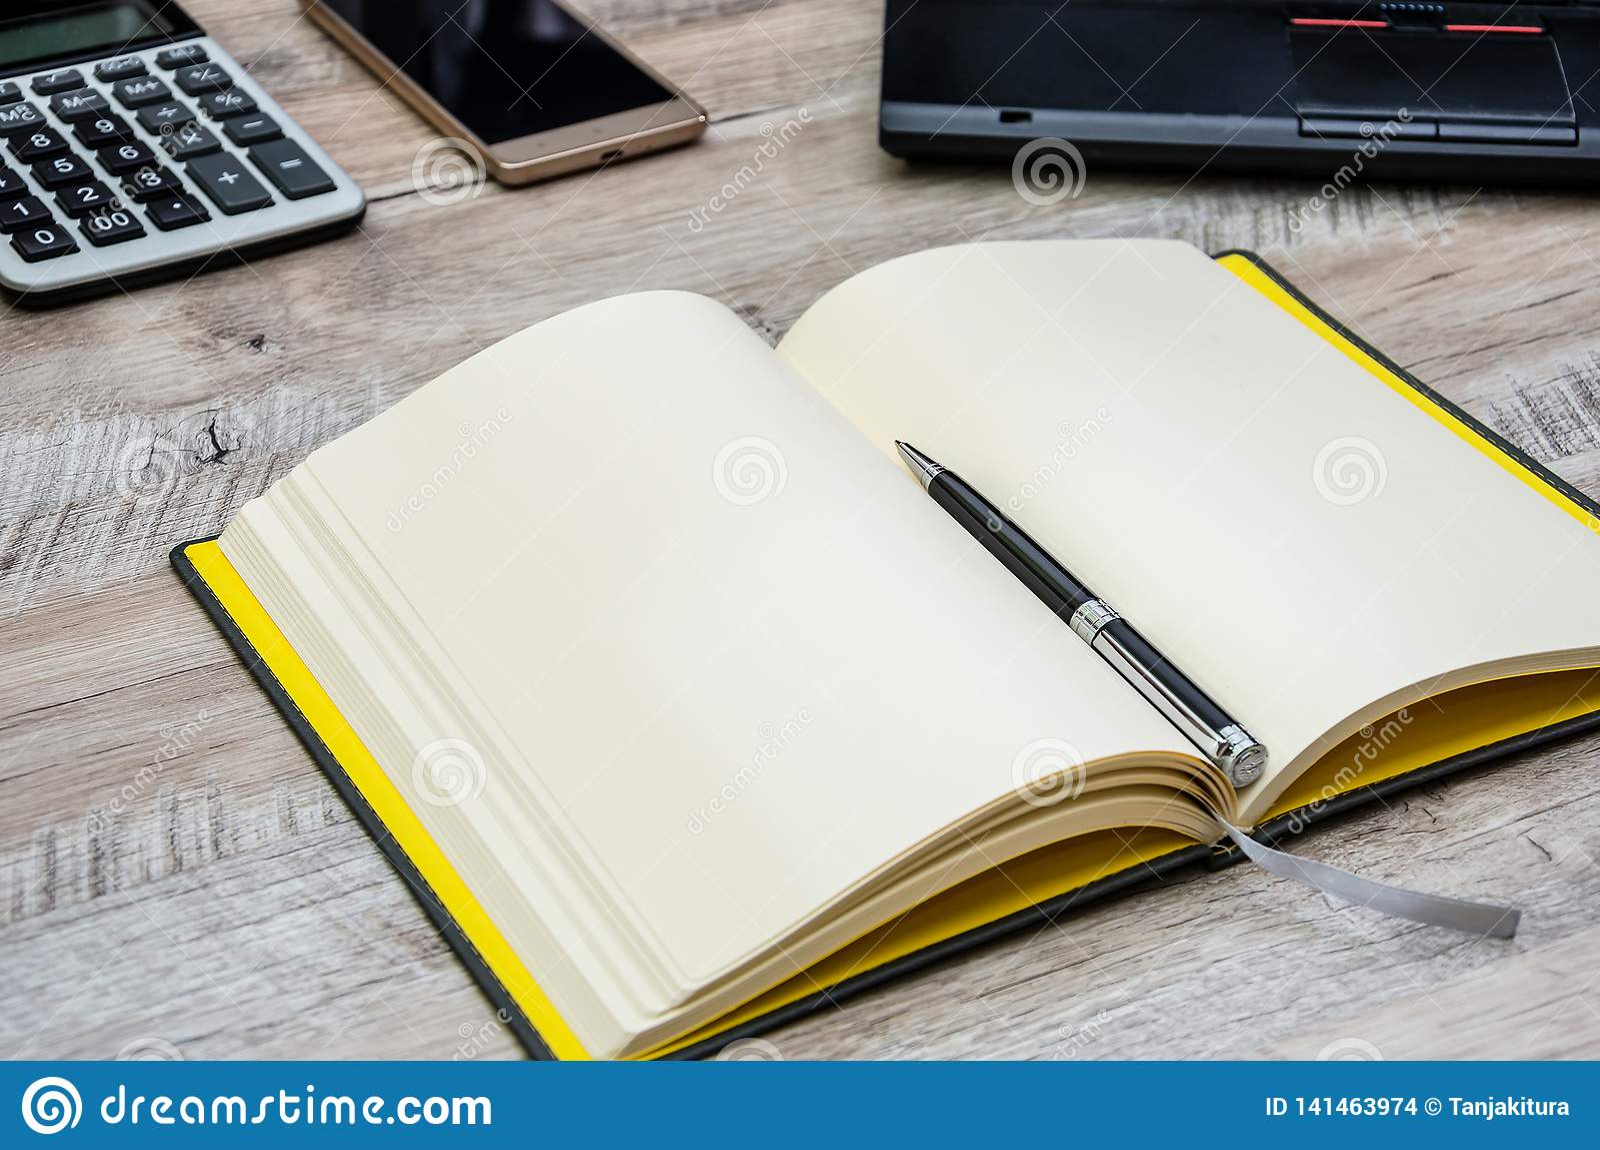 Σημειωματάριο, μάνδρα, smartphone και μέρος του lap-top σε ένα ξύλινο υπόβαθρο